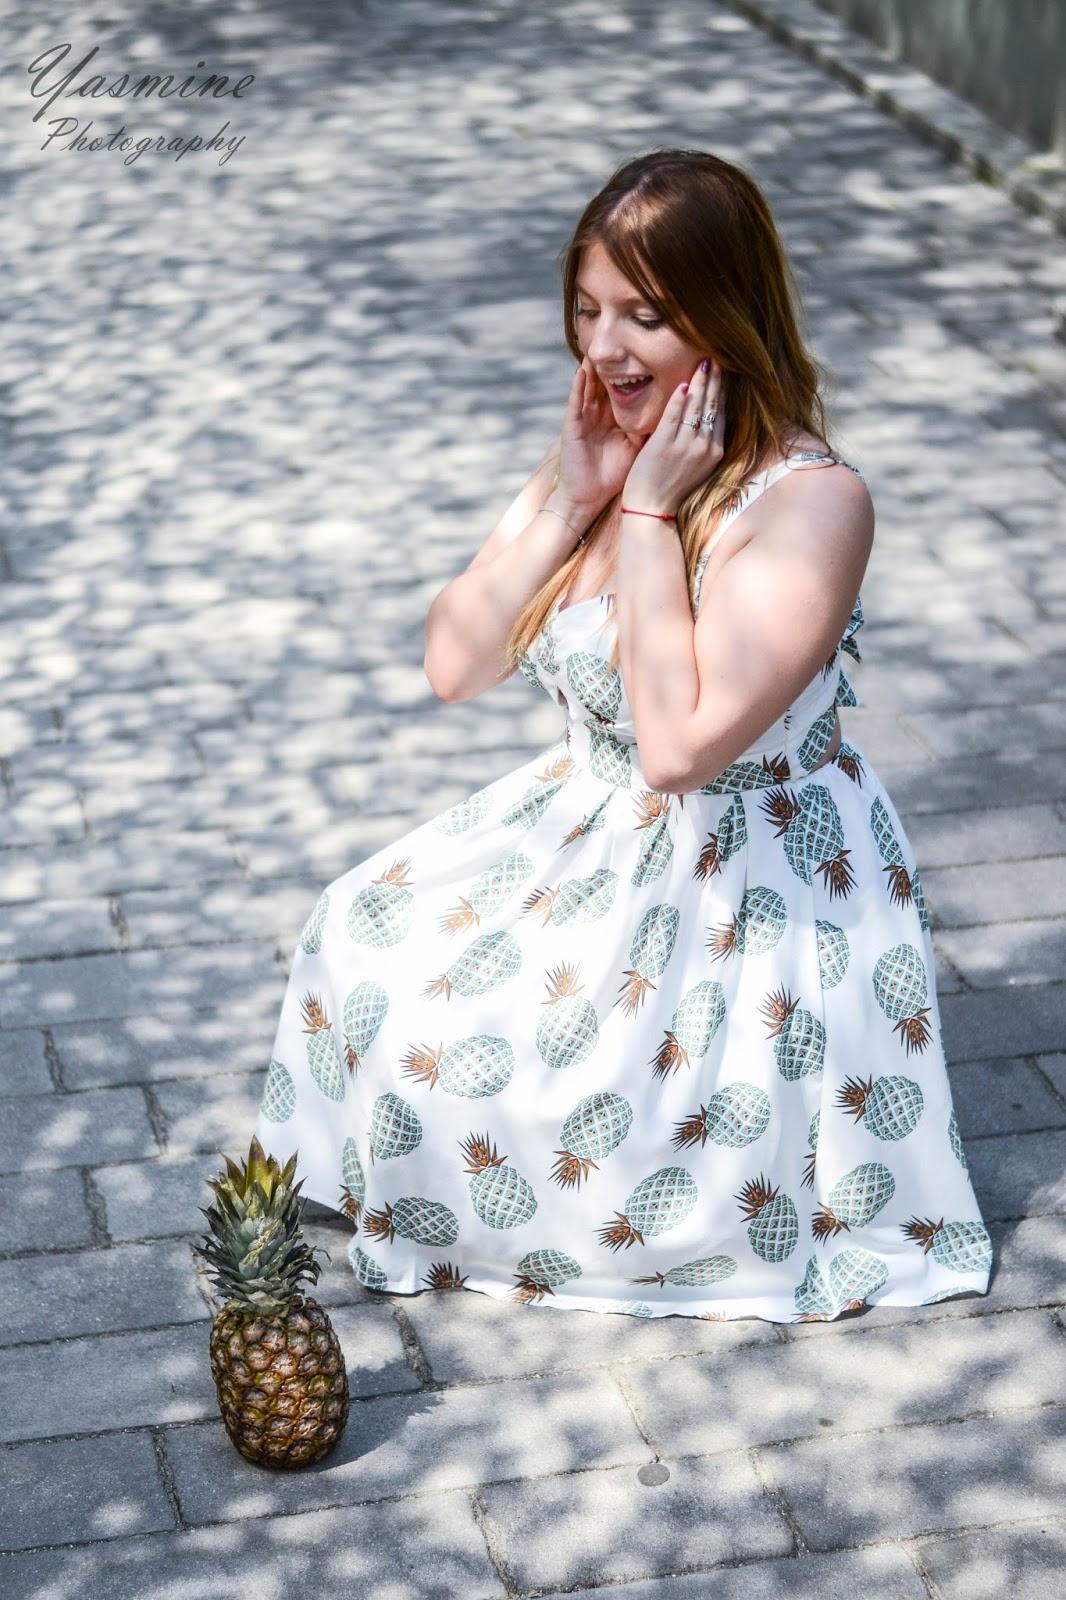 czy warto kupowac na stronach chińskich sklepów zaful sammydress dresslink sukienka w ananasy chińskie sklepy internetowe jakość pineapple dress fashion style melodylaniella yasmine photography r